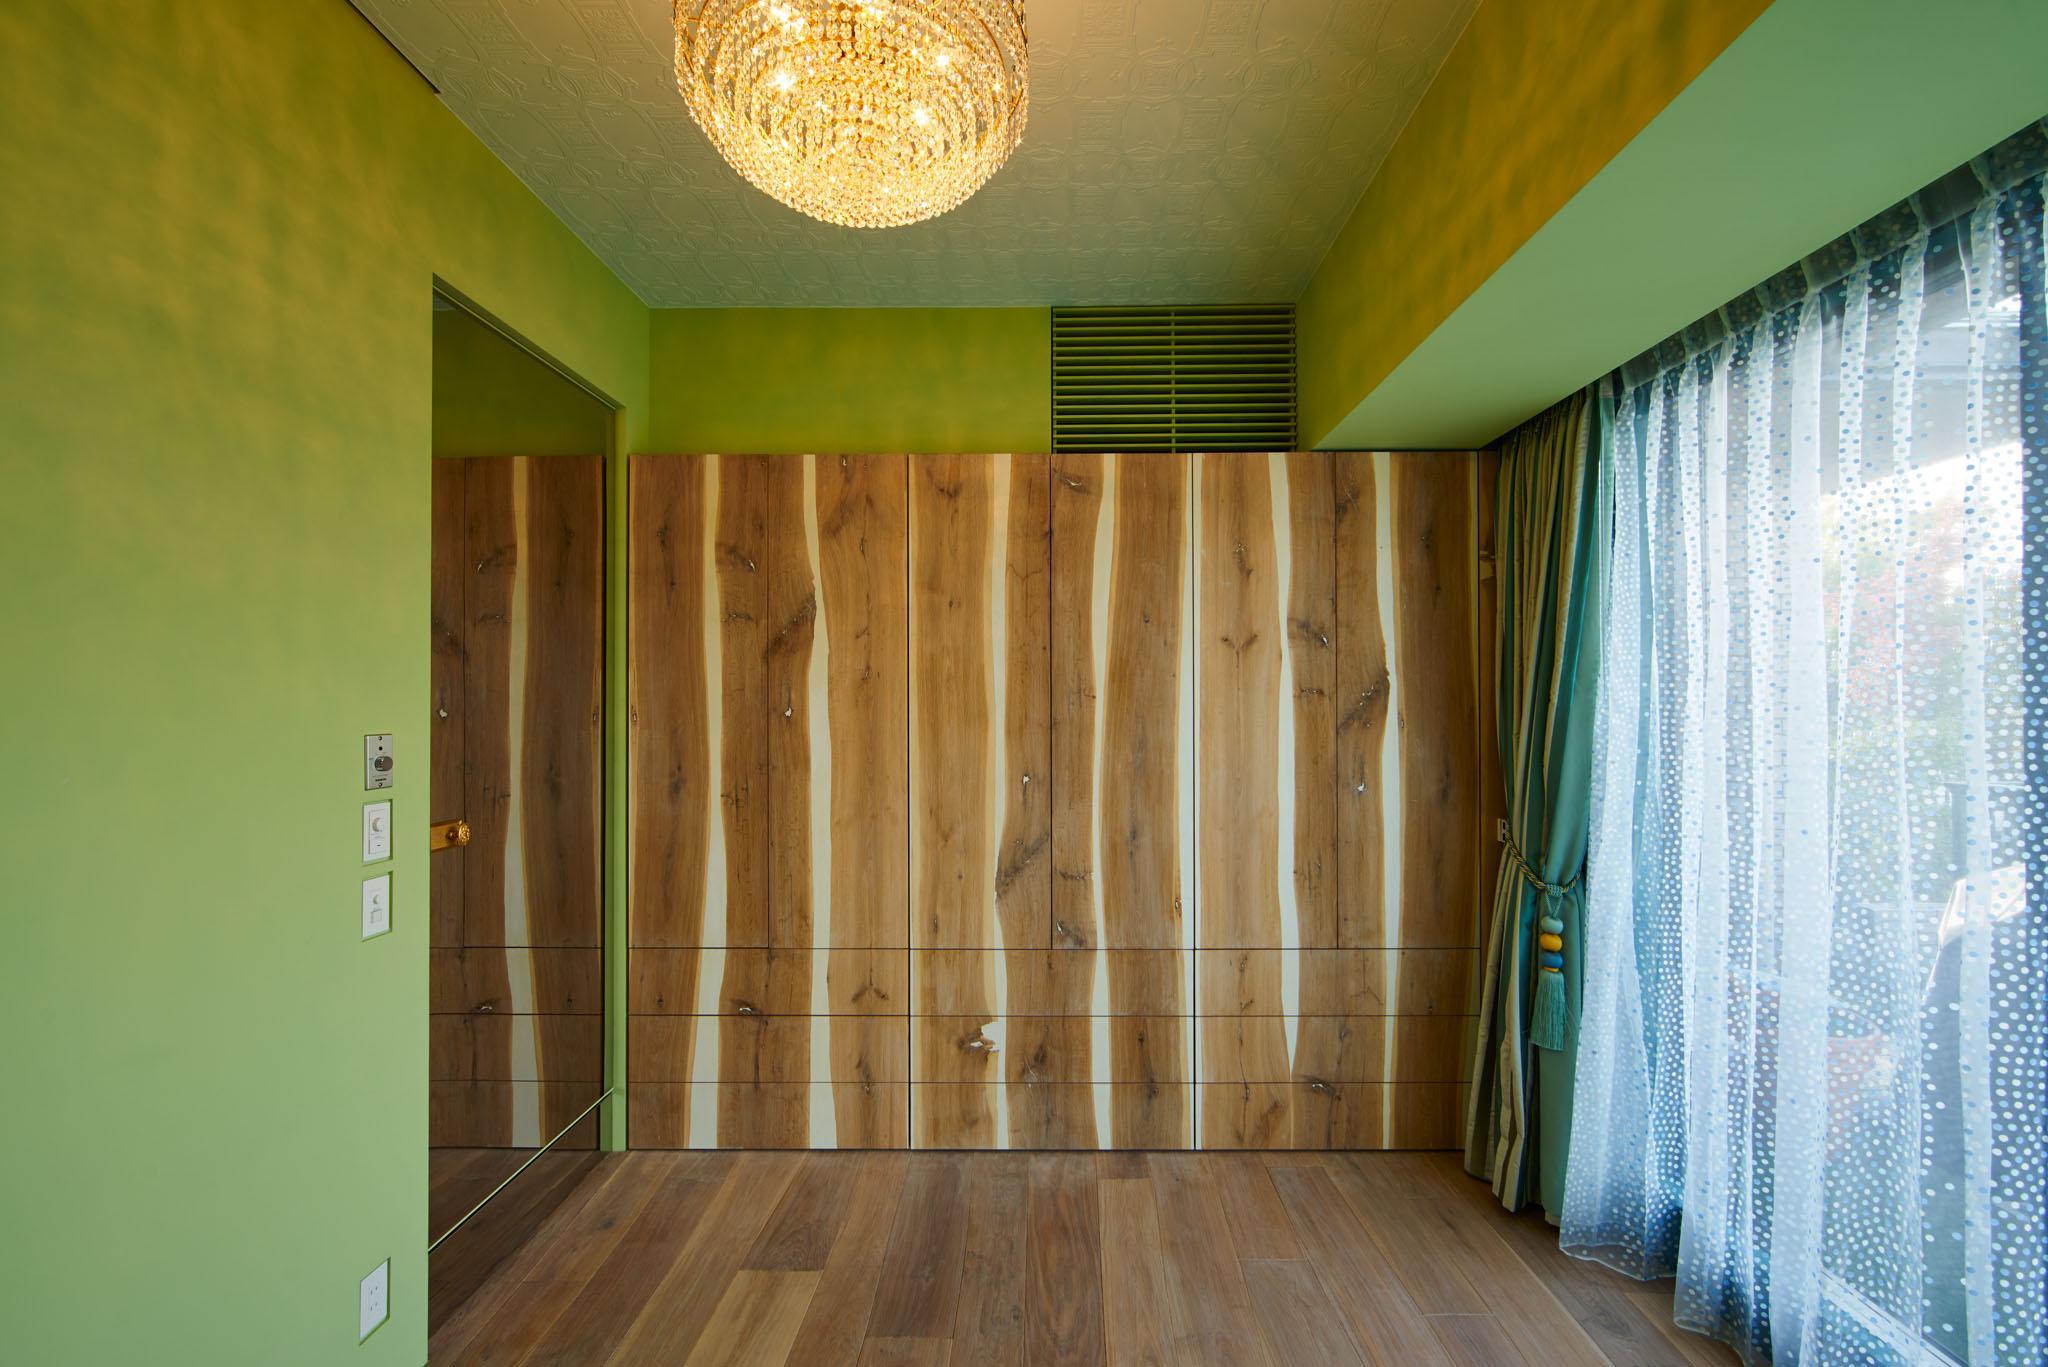 G-HOUSEの部屋 収納棚が印象的な緑色の壁の洋室